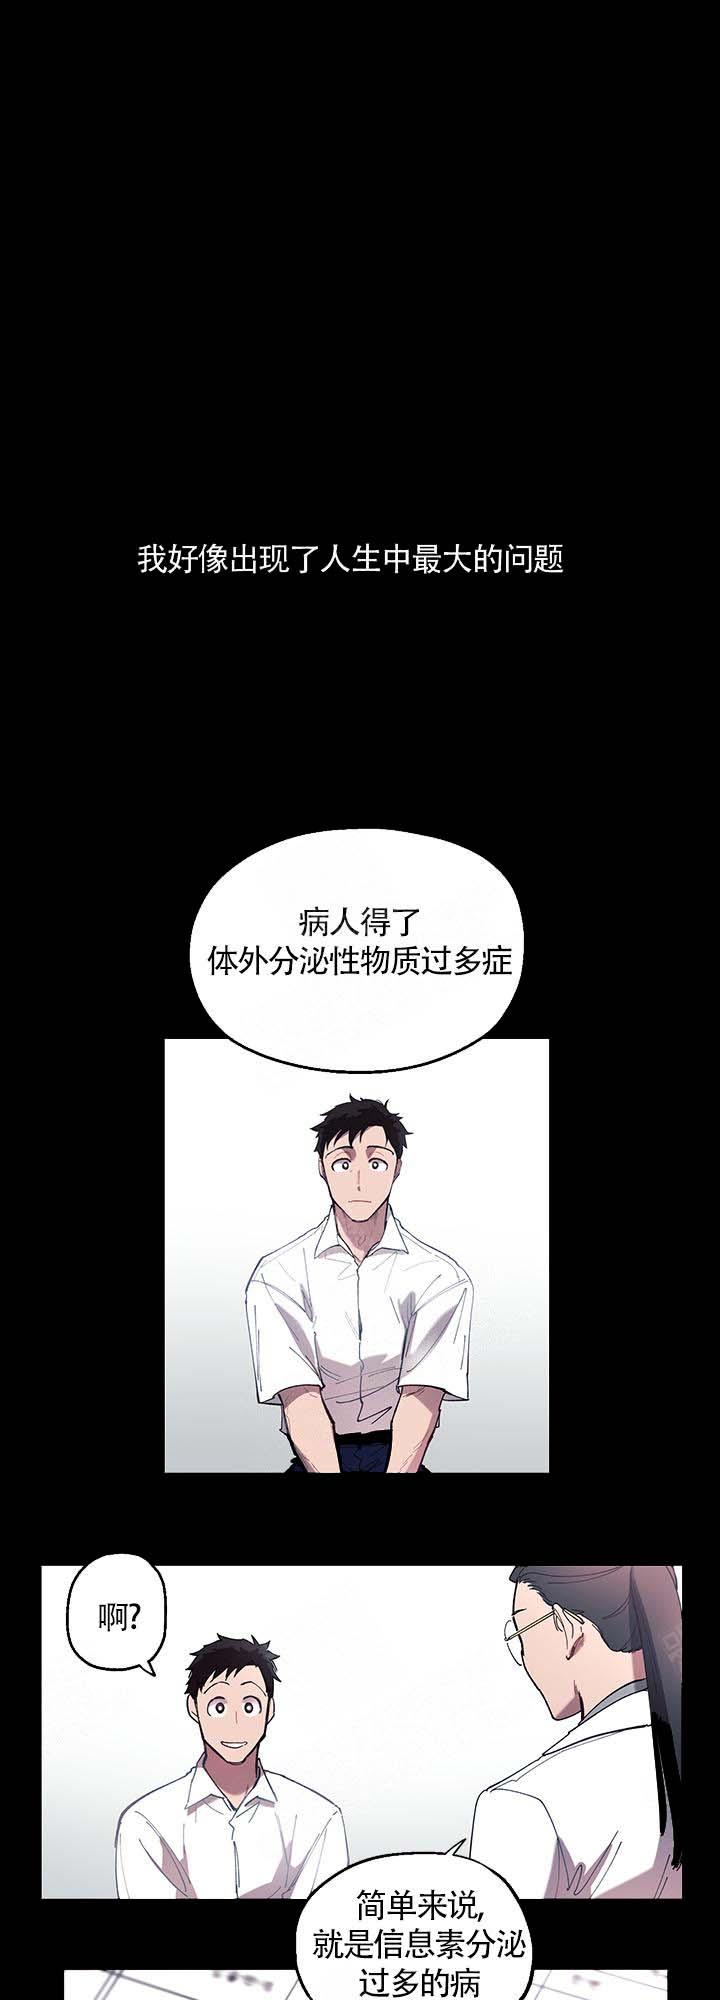 老师帮帮我-BL耽美免费漫画首发,最新连载更新至16话-啵乐漫画